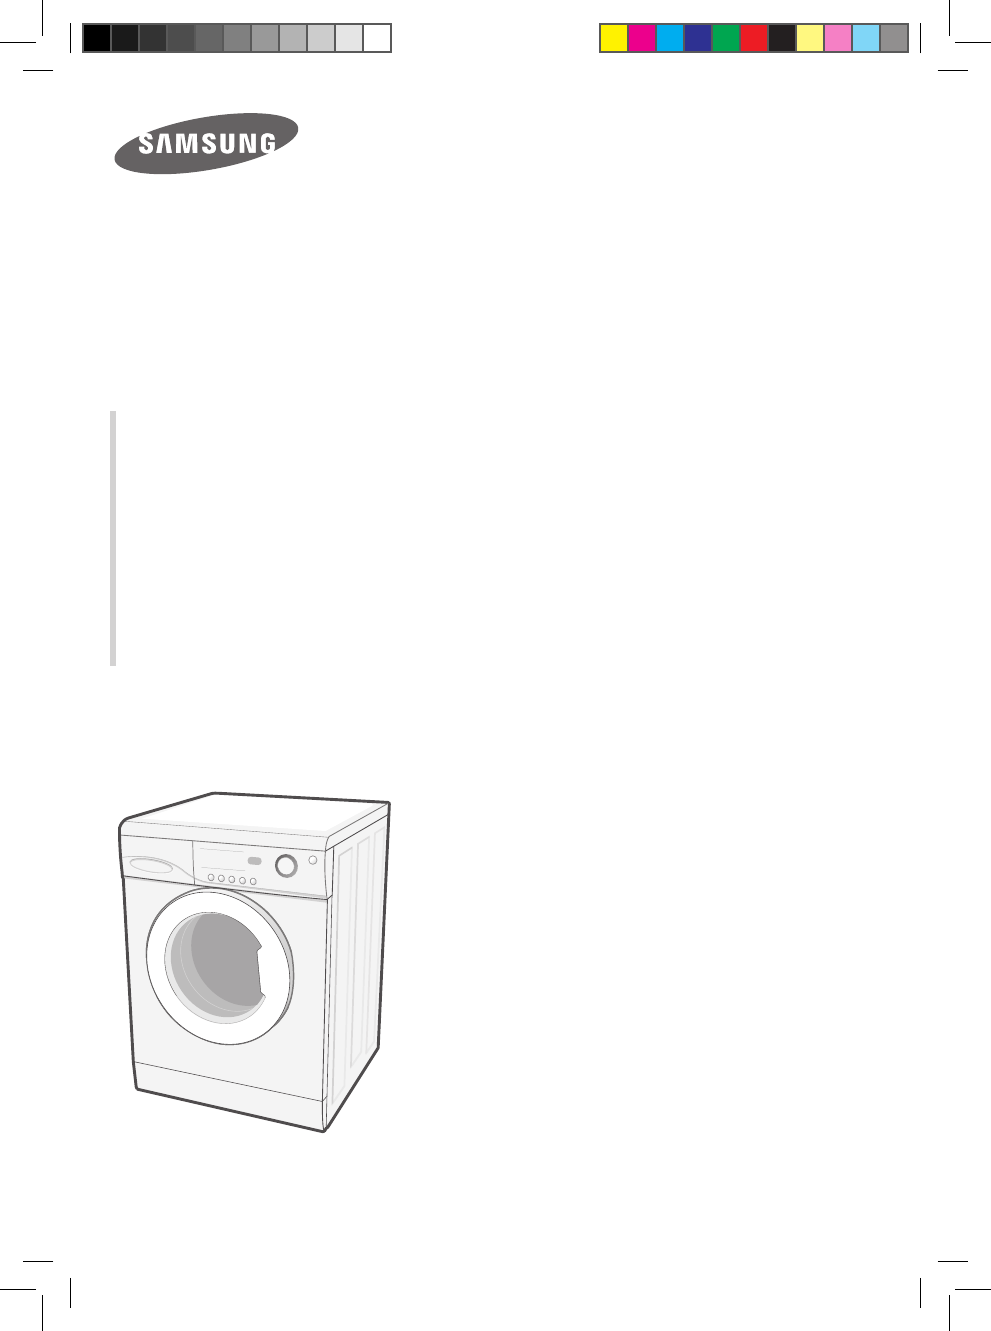 Samsung wf f861 инструкция